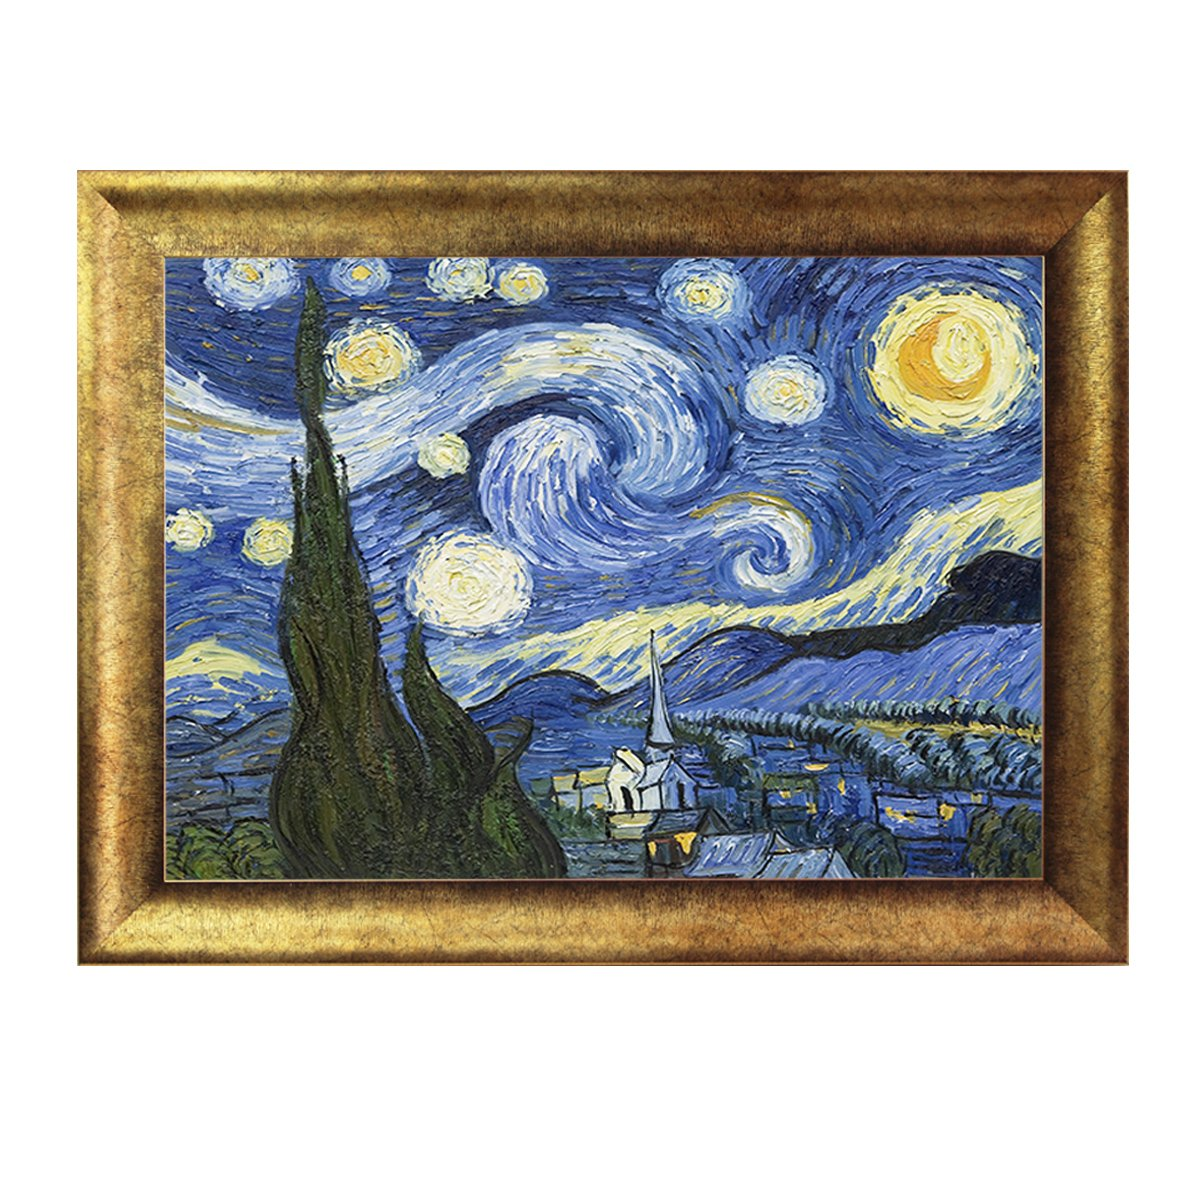 dhhd星空梵高油画 挂画壁画 装饰画 客厅餐现代 星月夜玄关抽象画有框